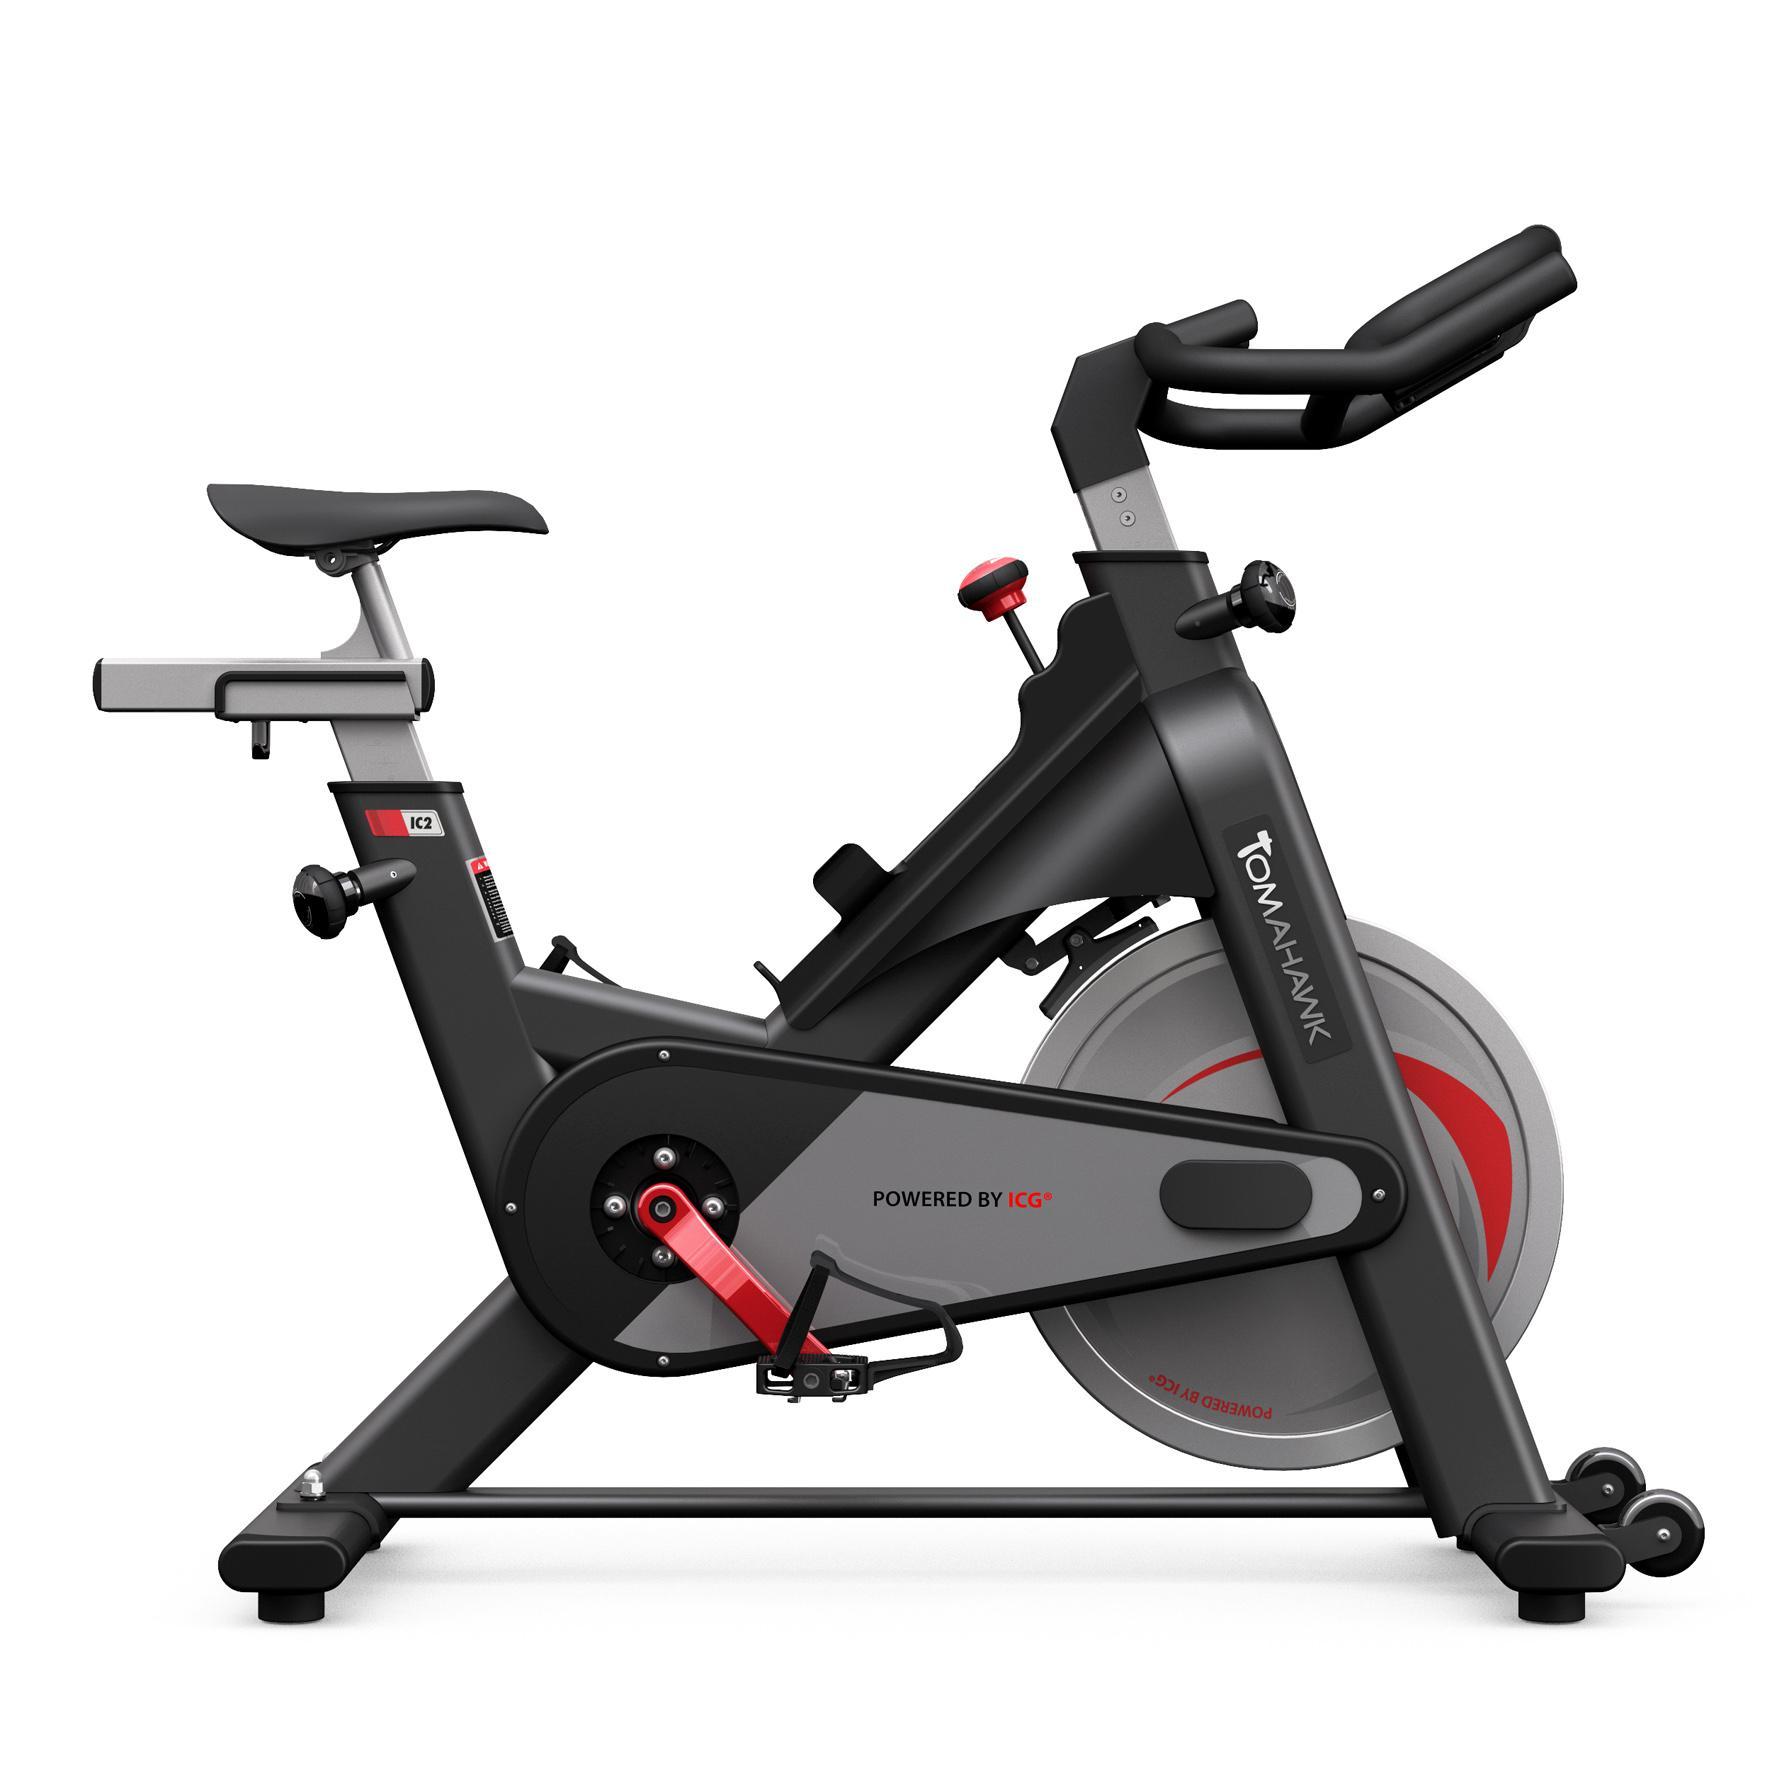 tomahawk erwachsene indoor bike ic2 schwarz matt ic. Black Bedroom Furniture Sets. Home Design Ideas